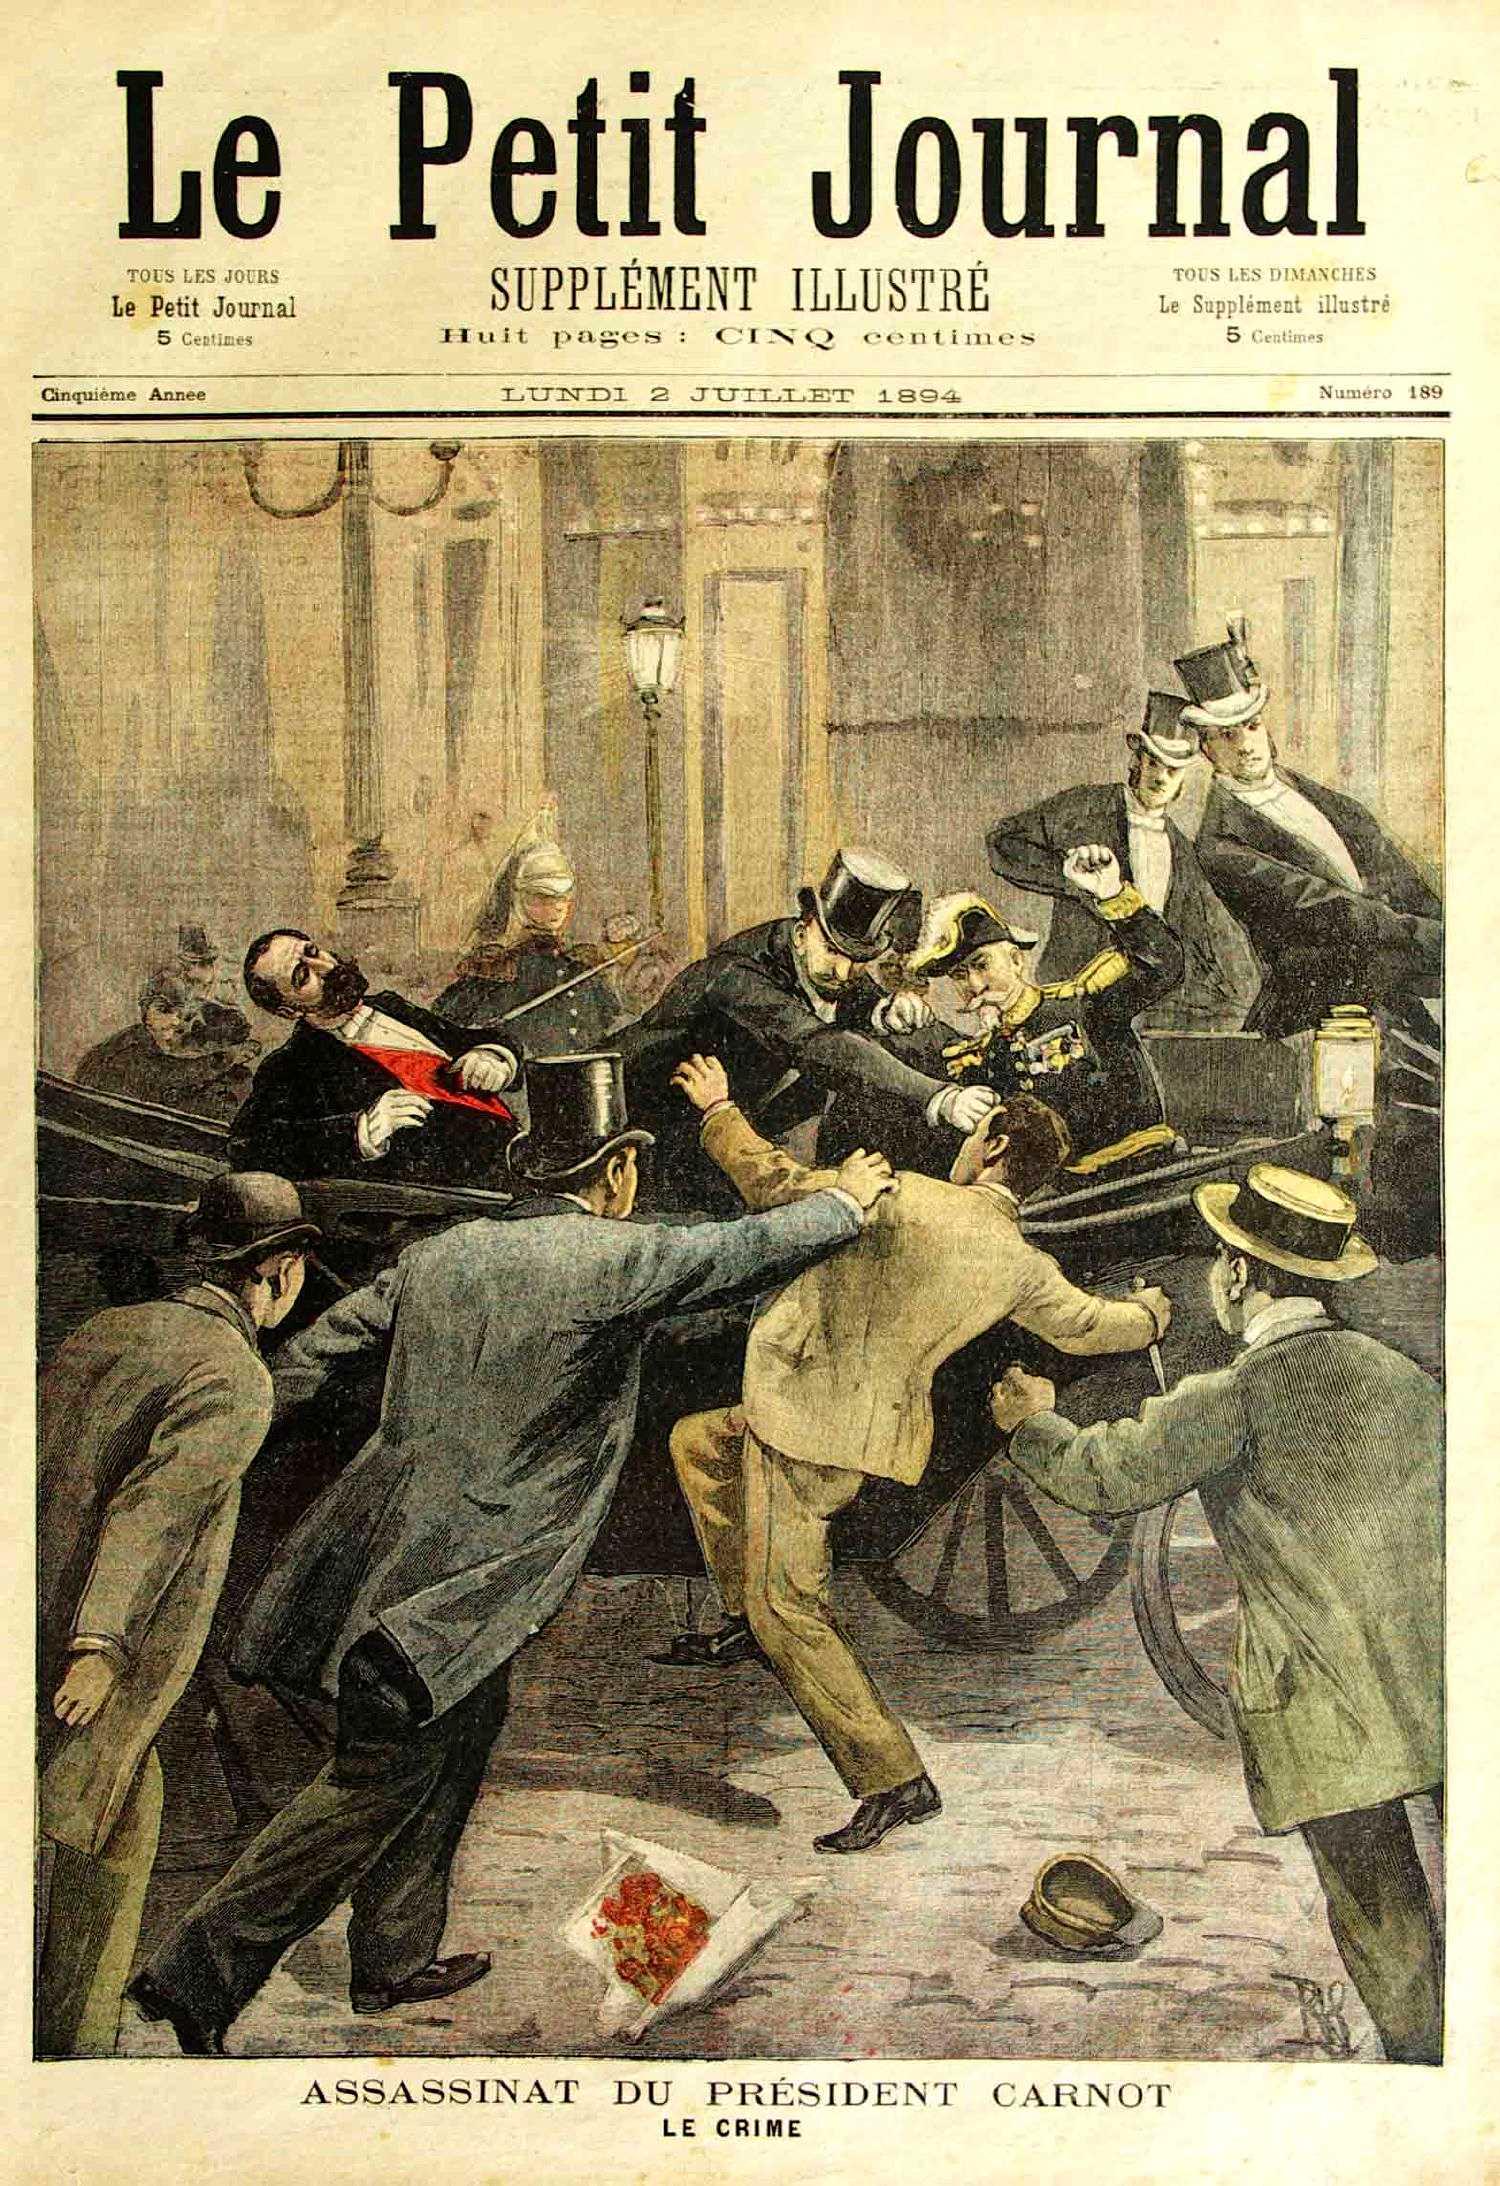 """L'assassinat de Carnot segons """"Le Petit Journal"""""""